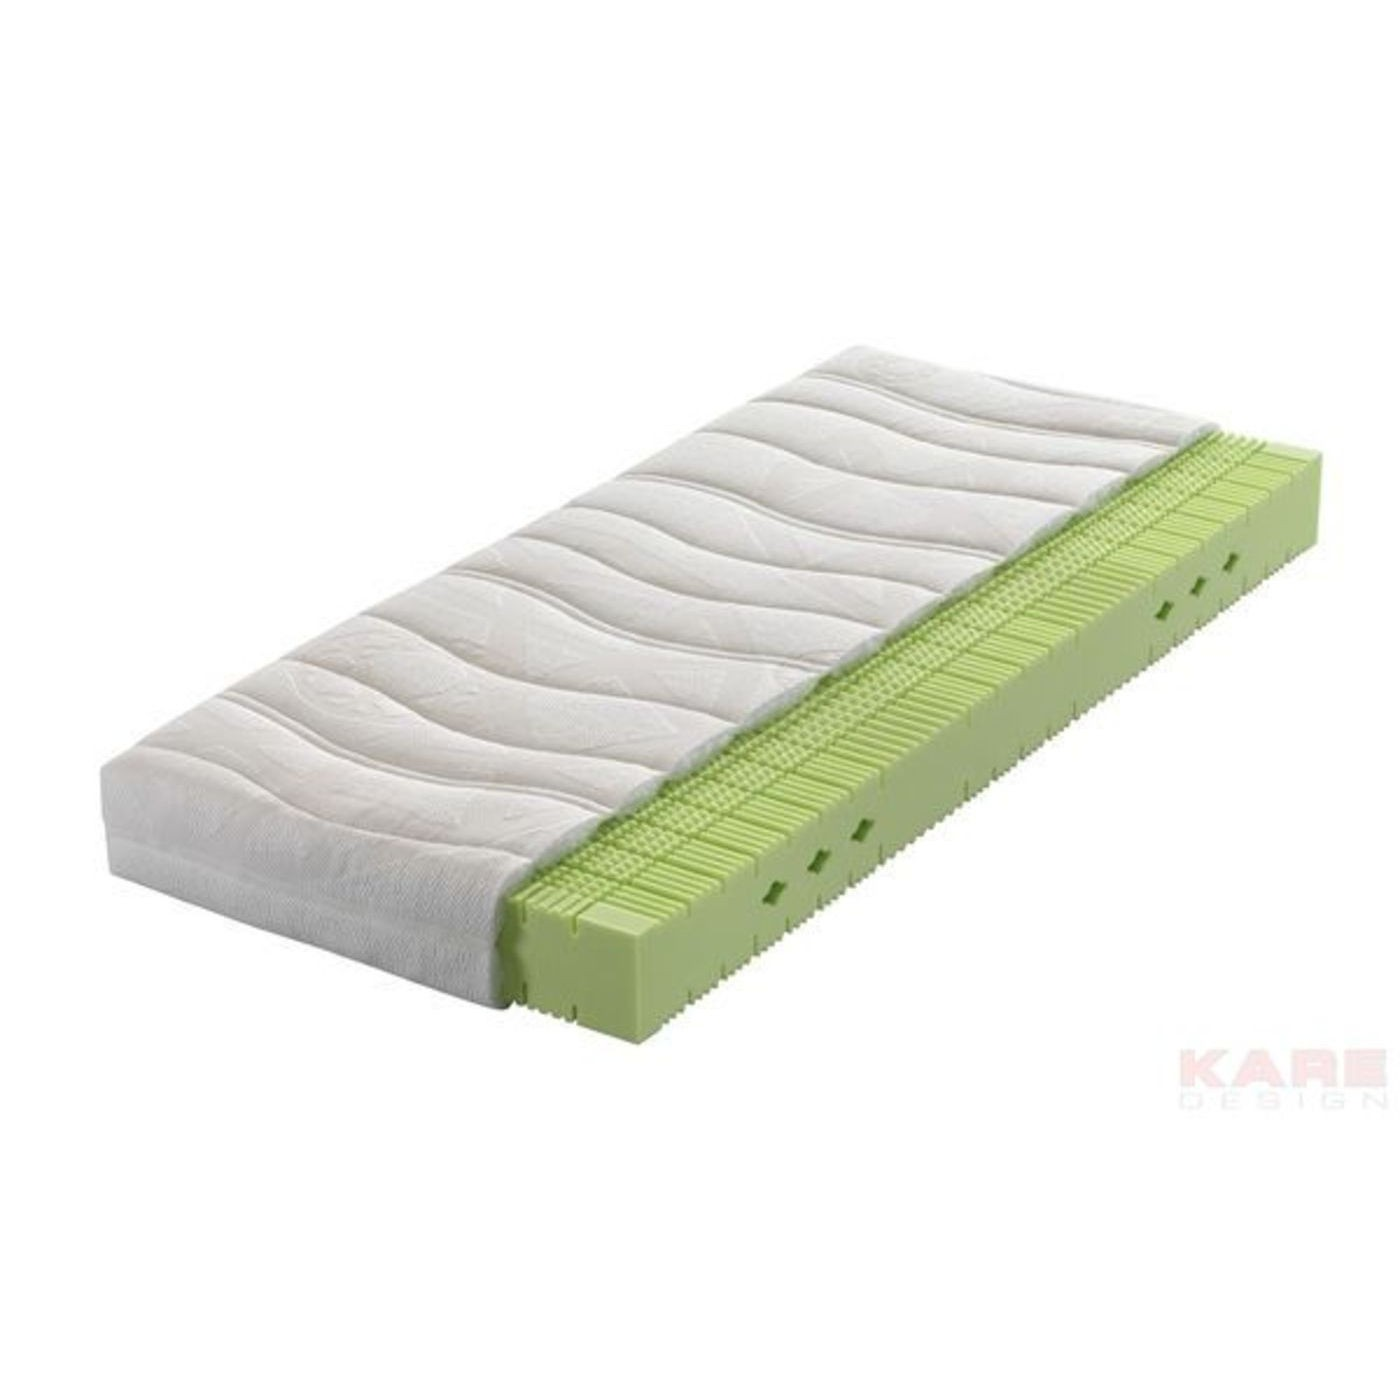 KARE Schlafzimmer: Betten, Matratzen und mehr | mutoni möbel